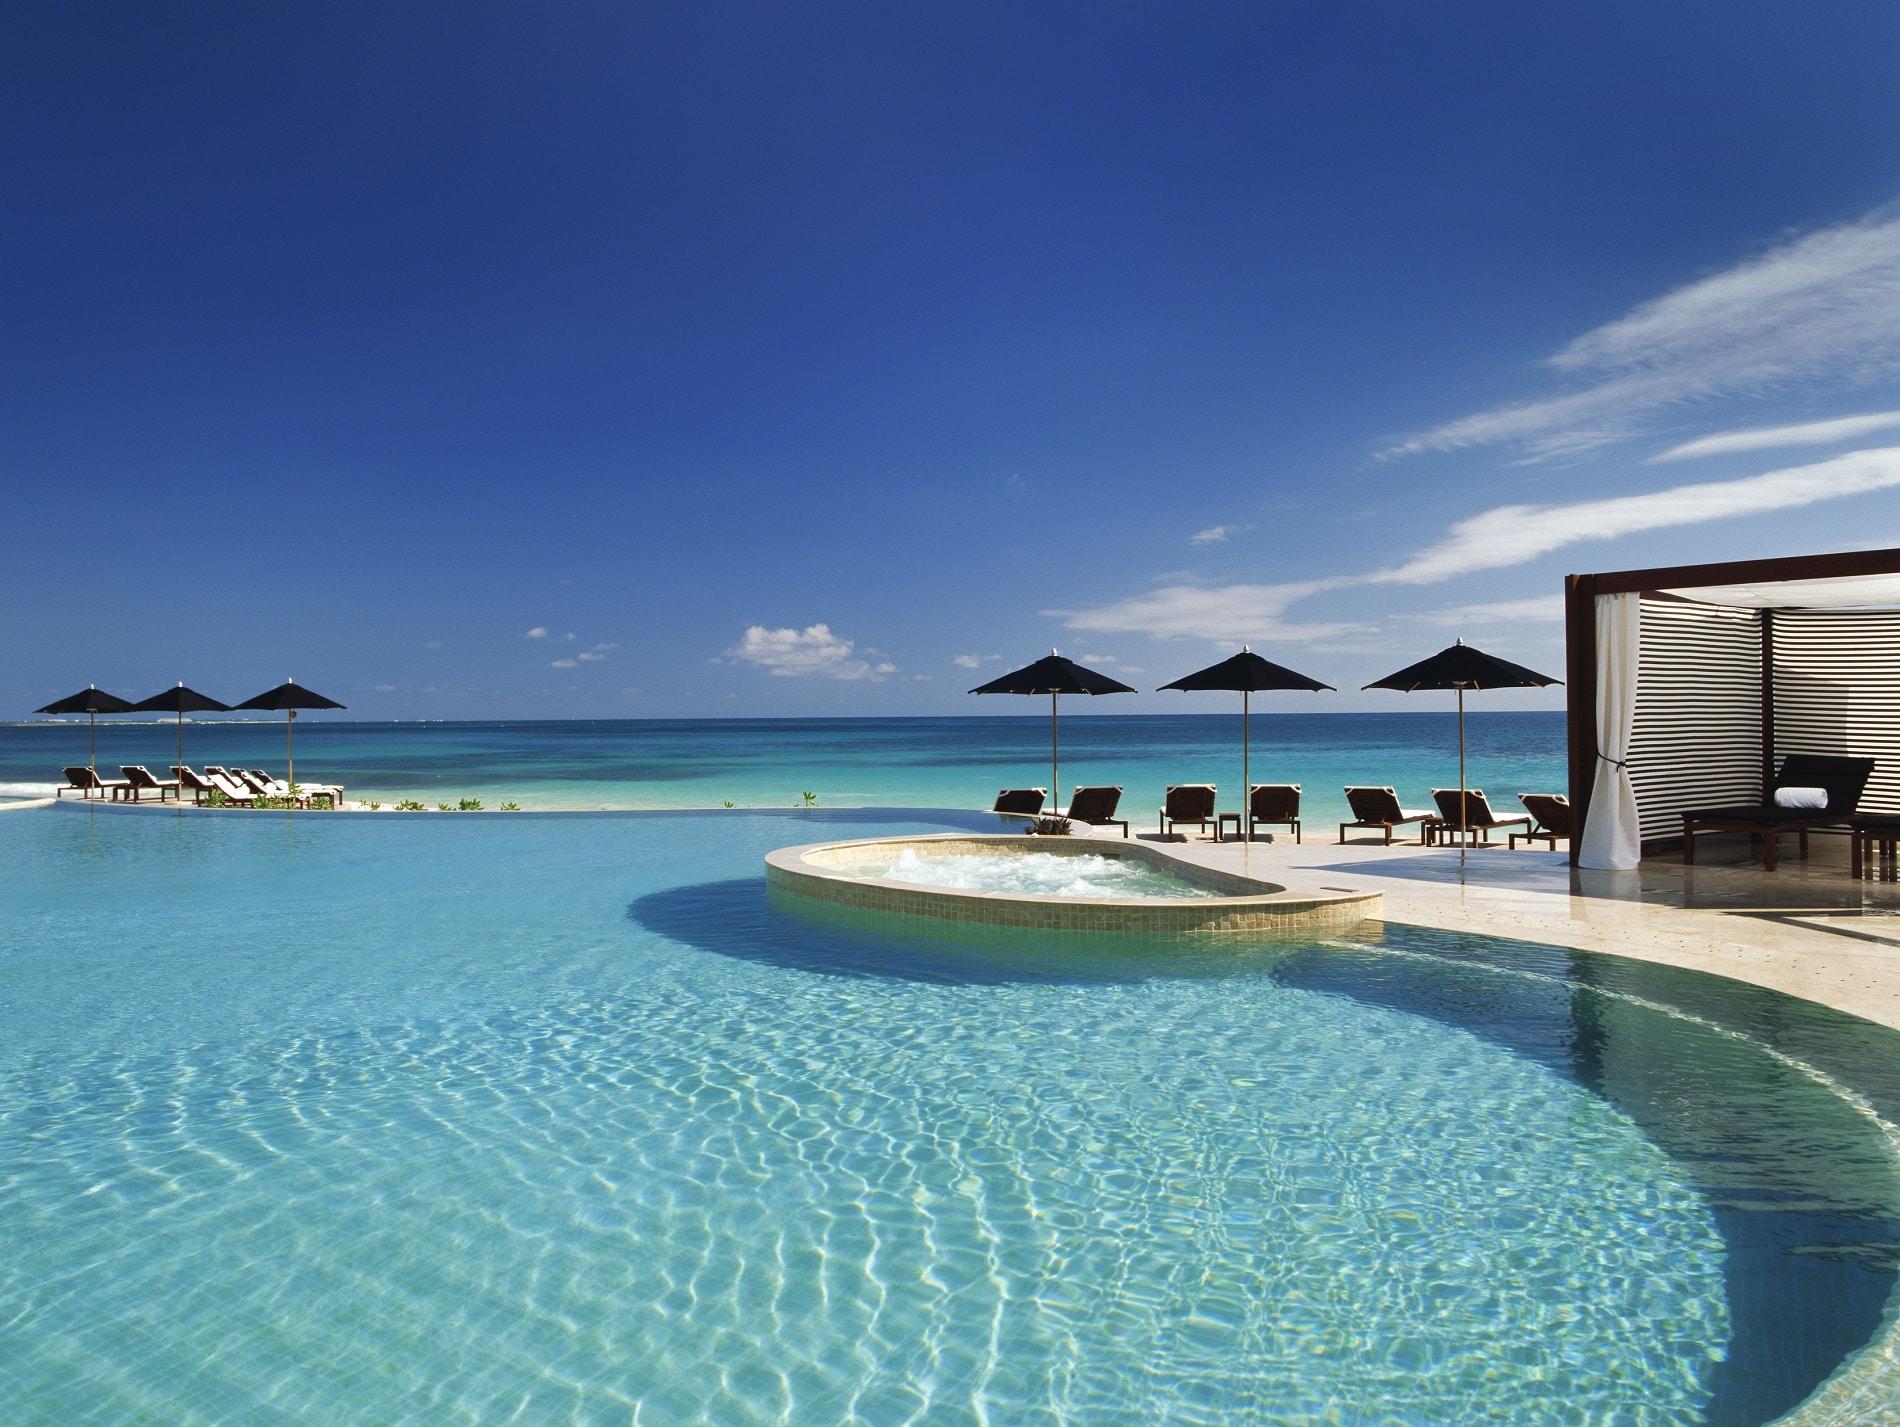 Așa arată următoarea ta destinație exotică de vacanță: Riviera Maya, Mexic